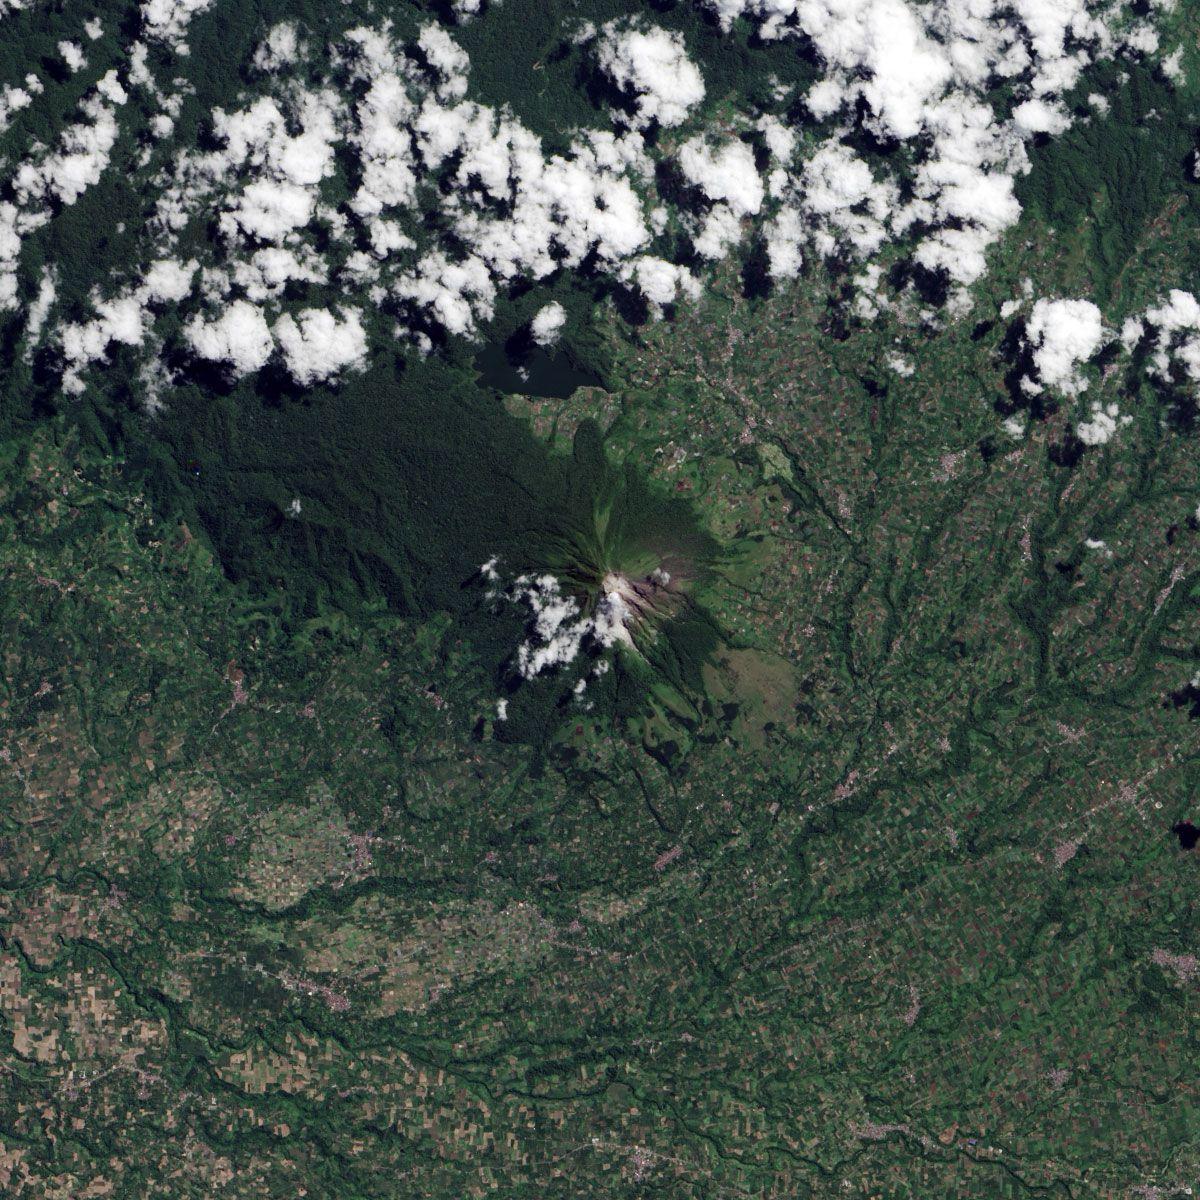 Mount Sinabung, June 2013. Image: NASA.